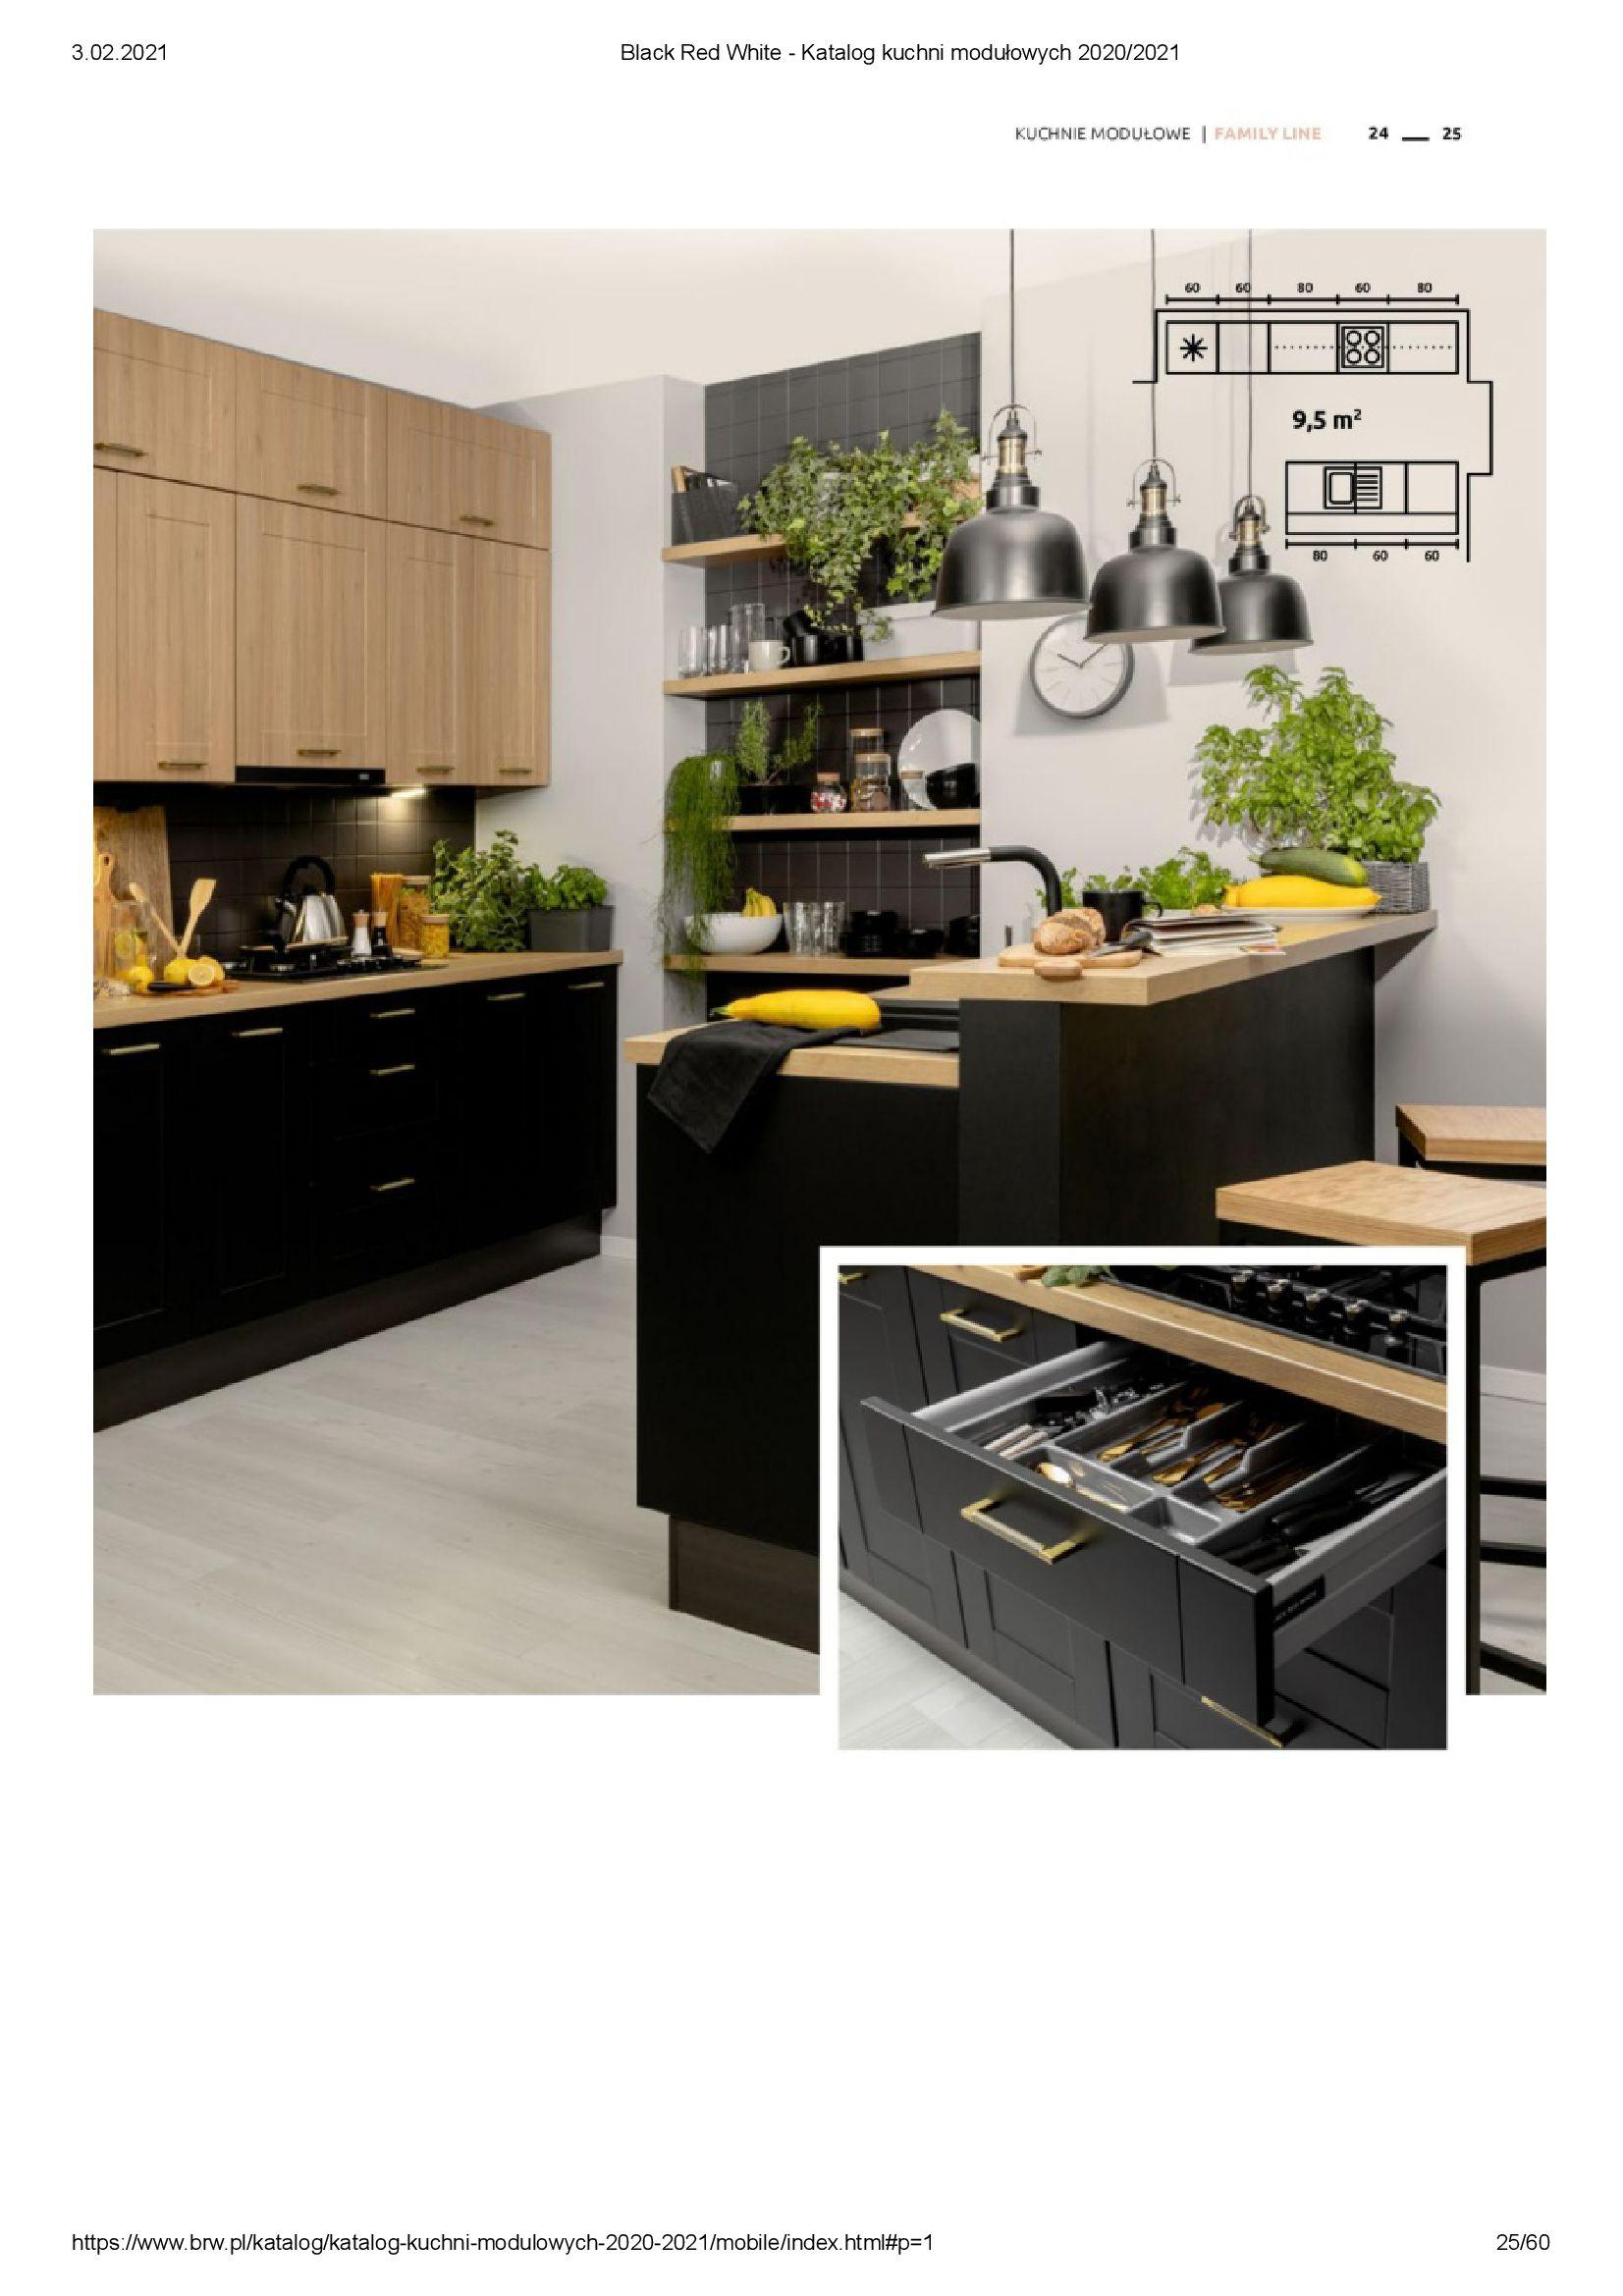 Gazetka Black Red White: Katalog - Kuchnie modułowe 2020/2021 2021-01-01 page-25